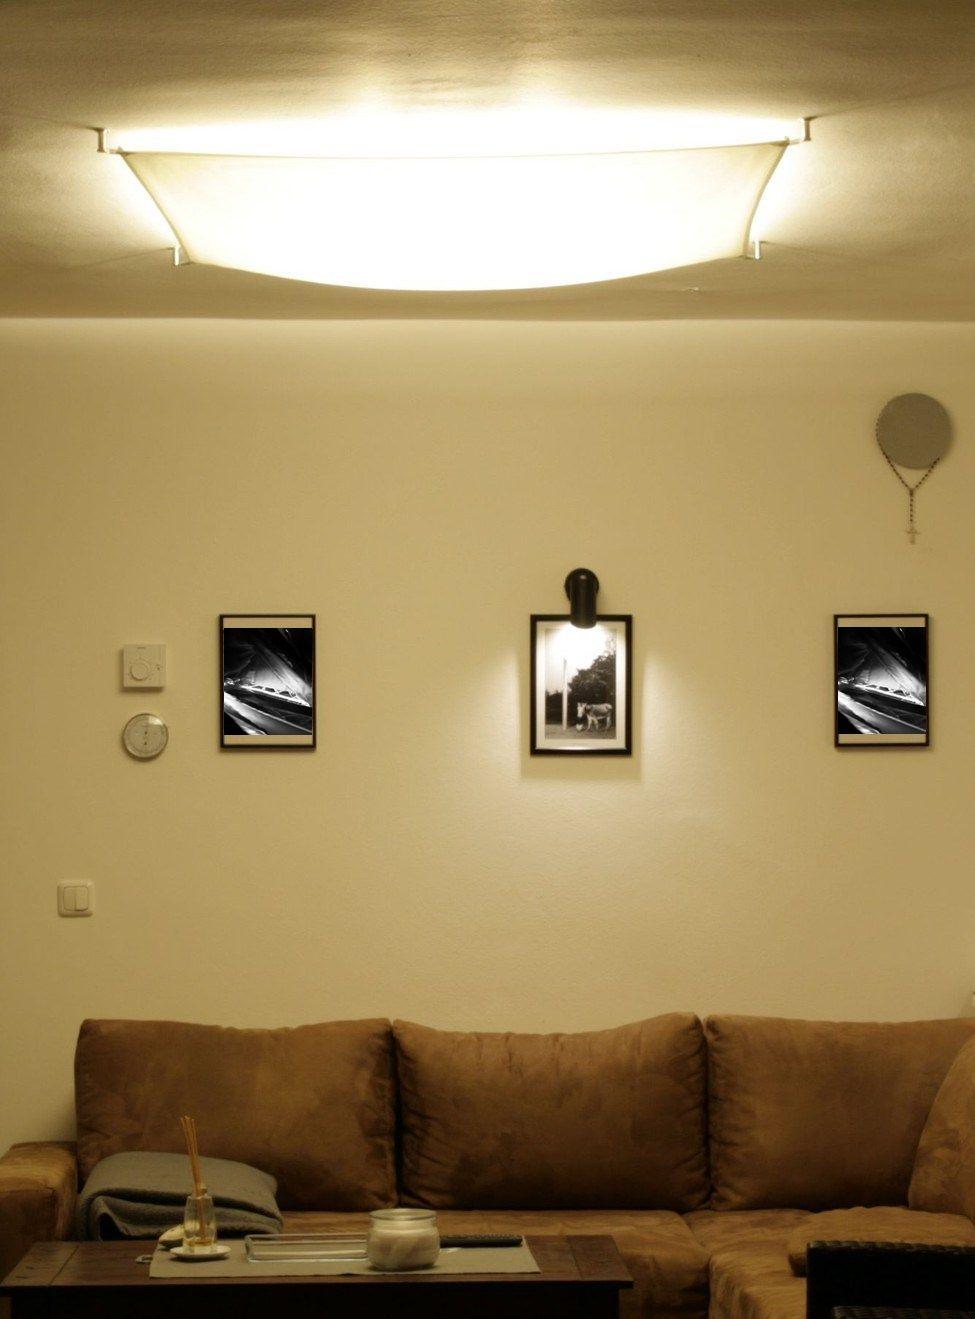 Lichtsegel Led E27 Deckenleuchte Quadratisch Lichtsegel Einrichten Und Wohnen Beleuchtung Wohnzimmer